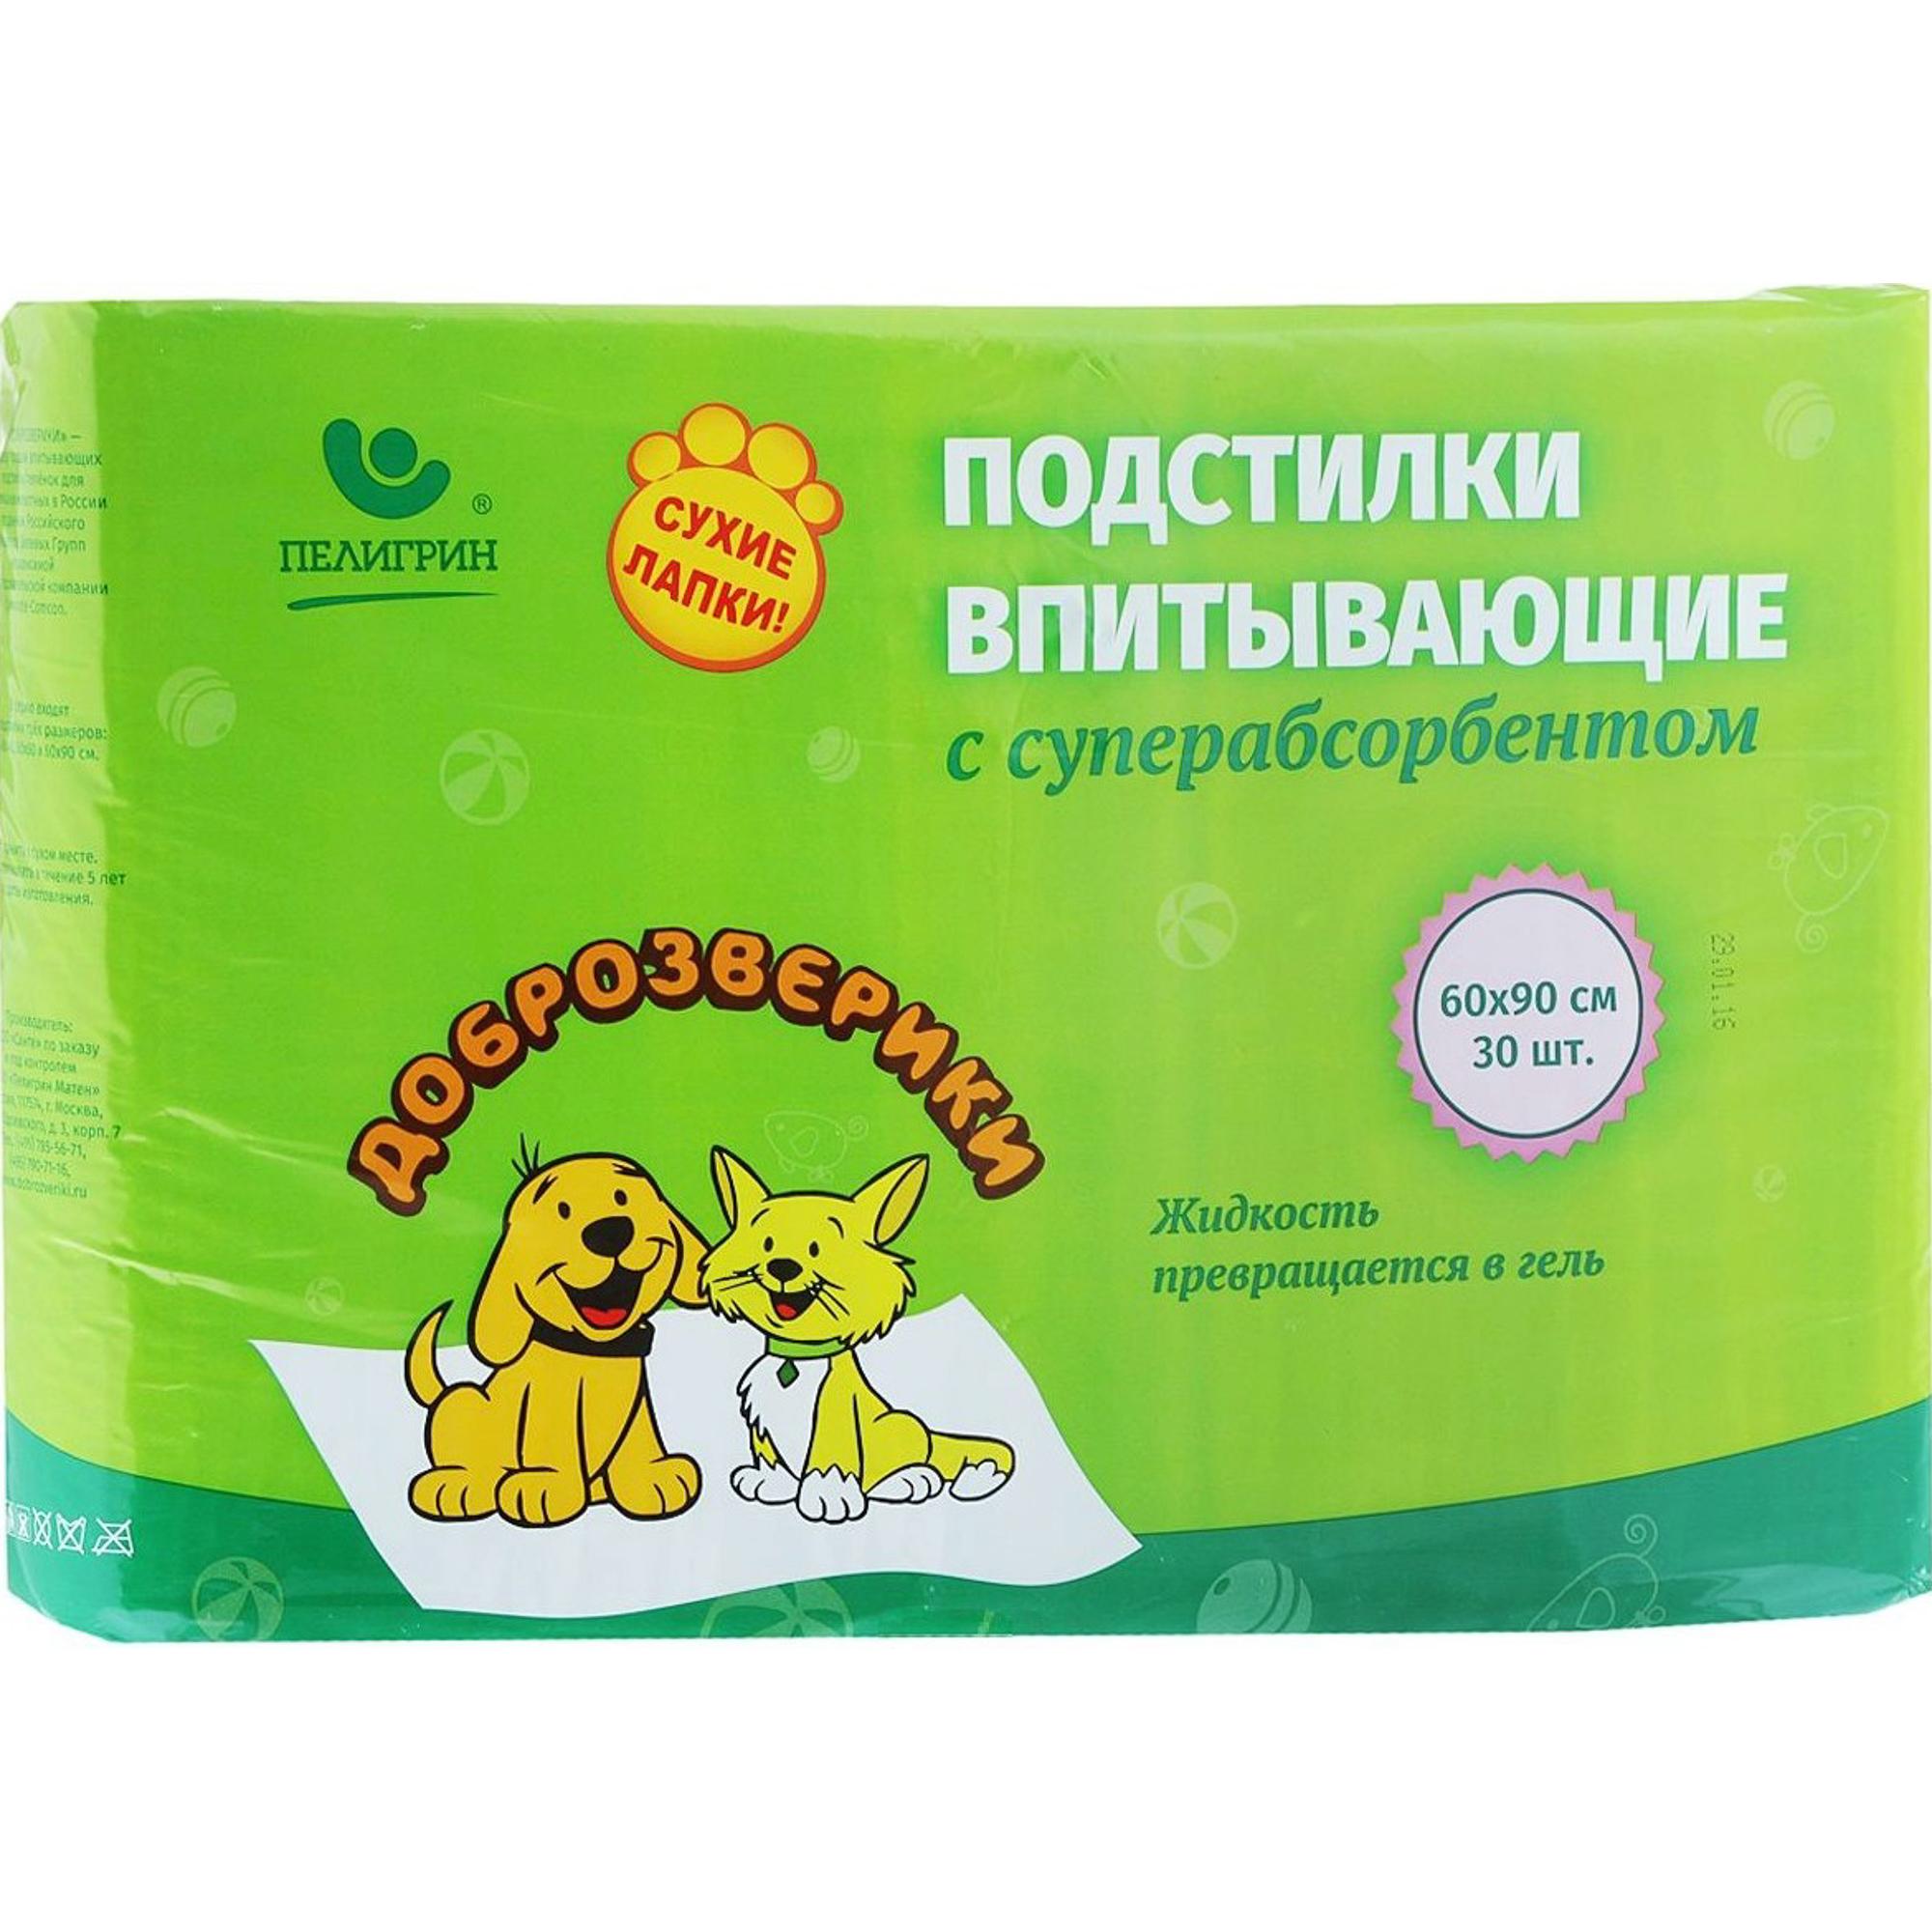 Подстилки для кошек и собак Доброзверики впитывающие с суперабсорбентом 90х60см 30 шт